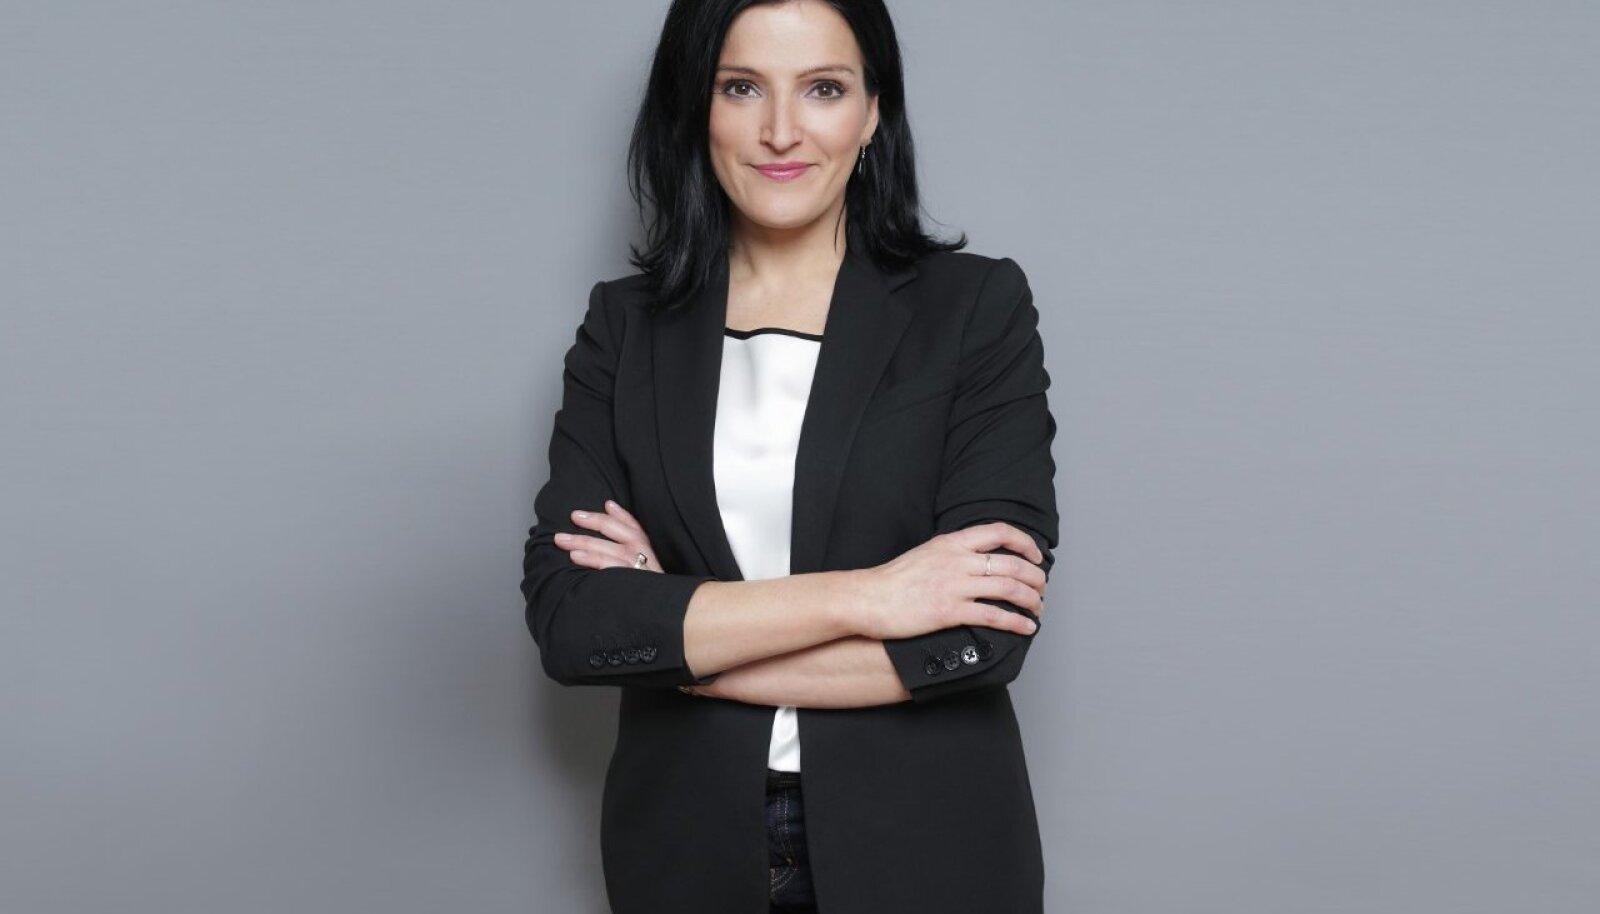 Laura Kuldkepp